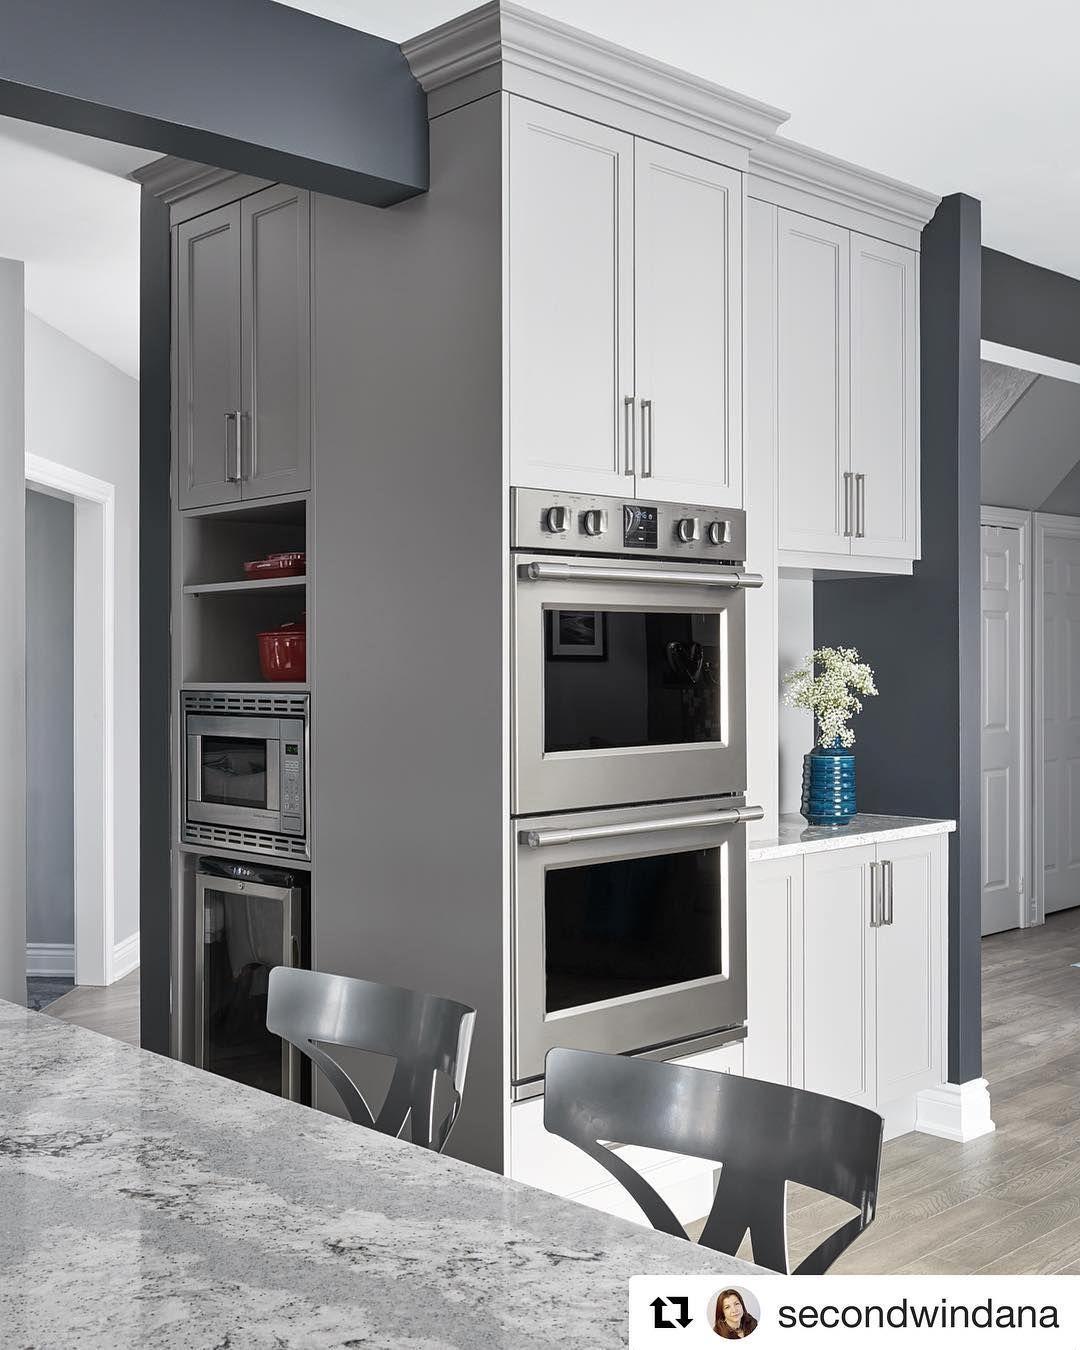 Kamal Moshg Parand Design Kitchens Instagram Photos And Videos Kitchen Bath Design Interior Design Kitchen